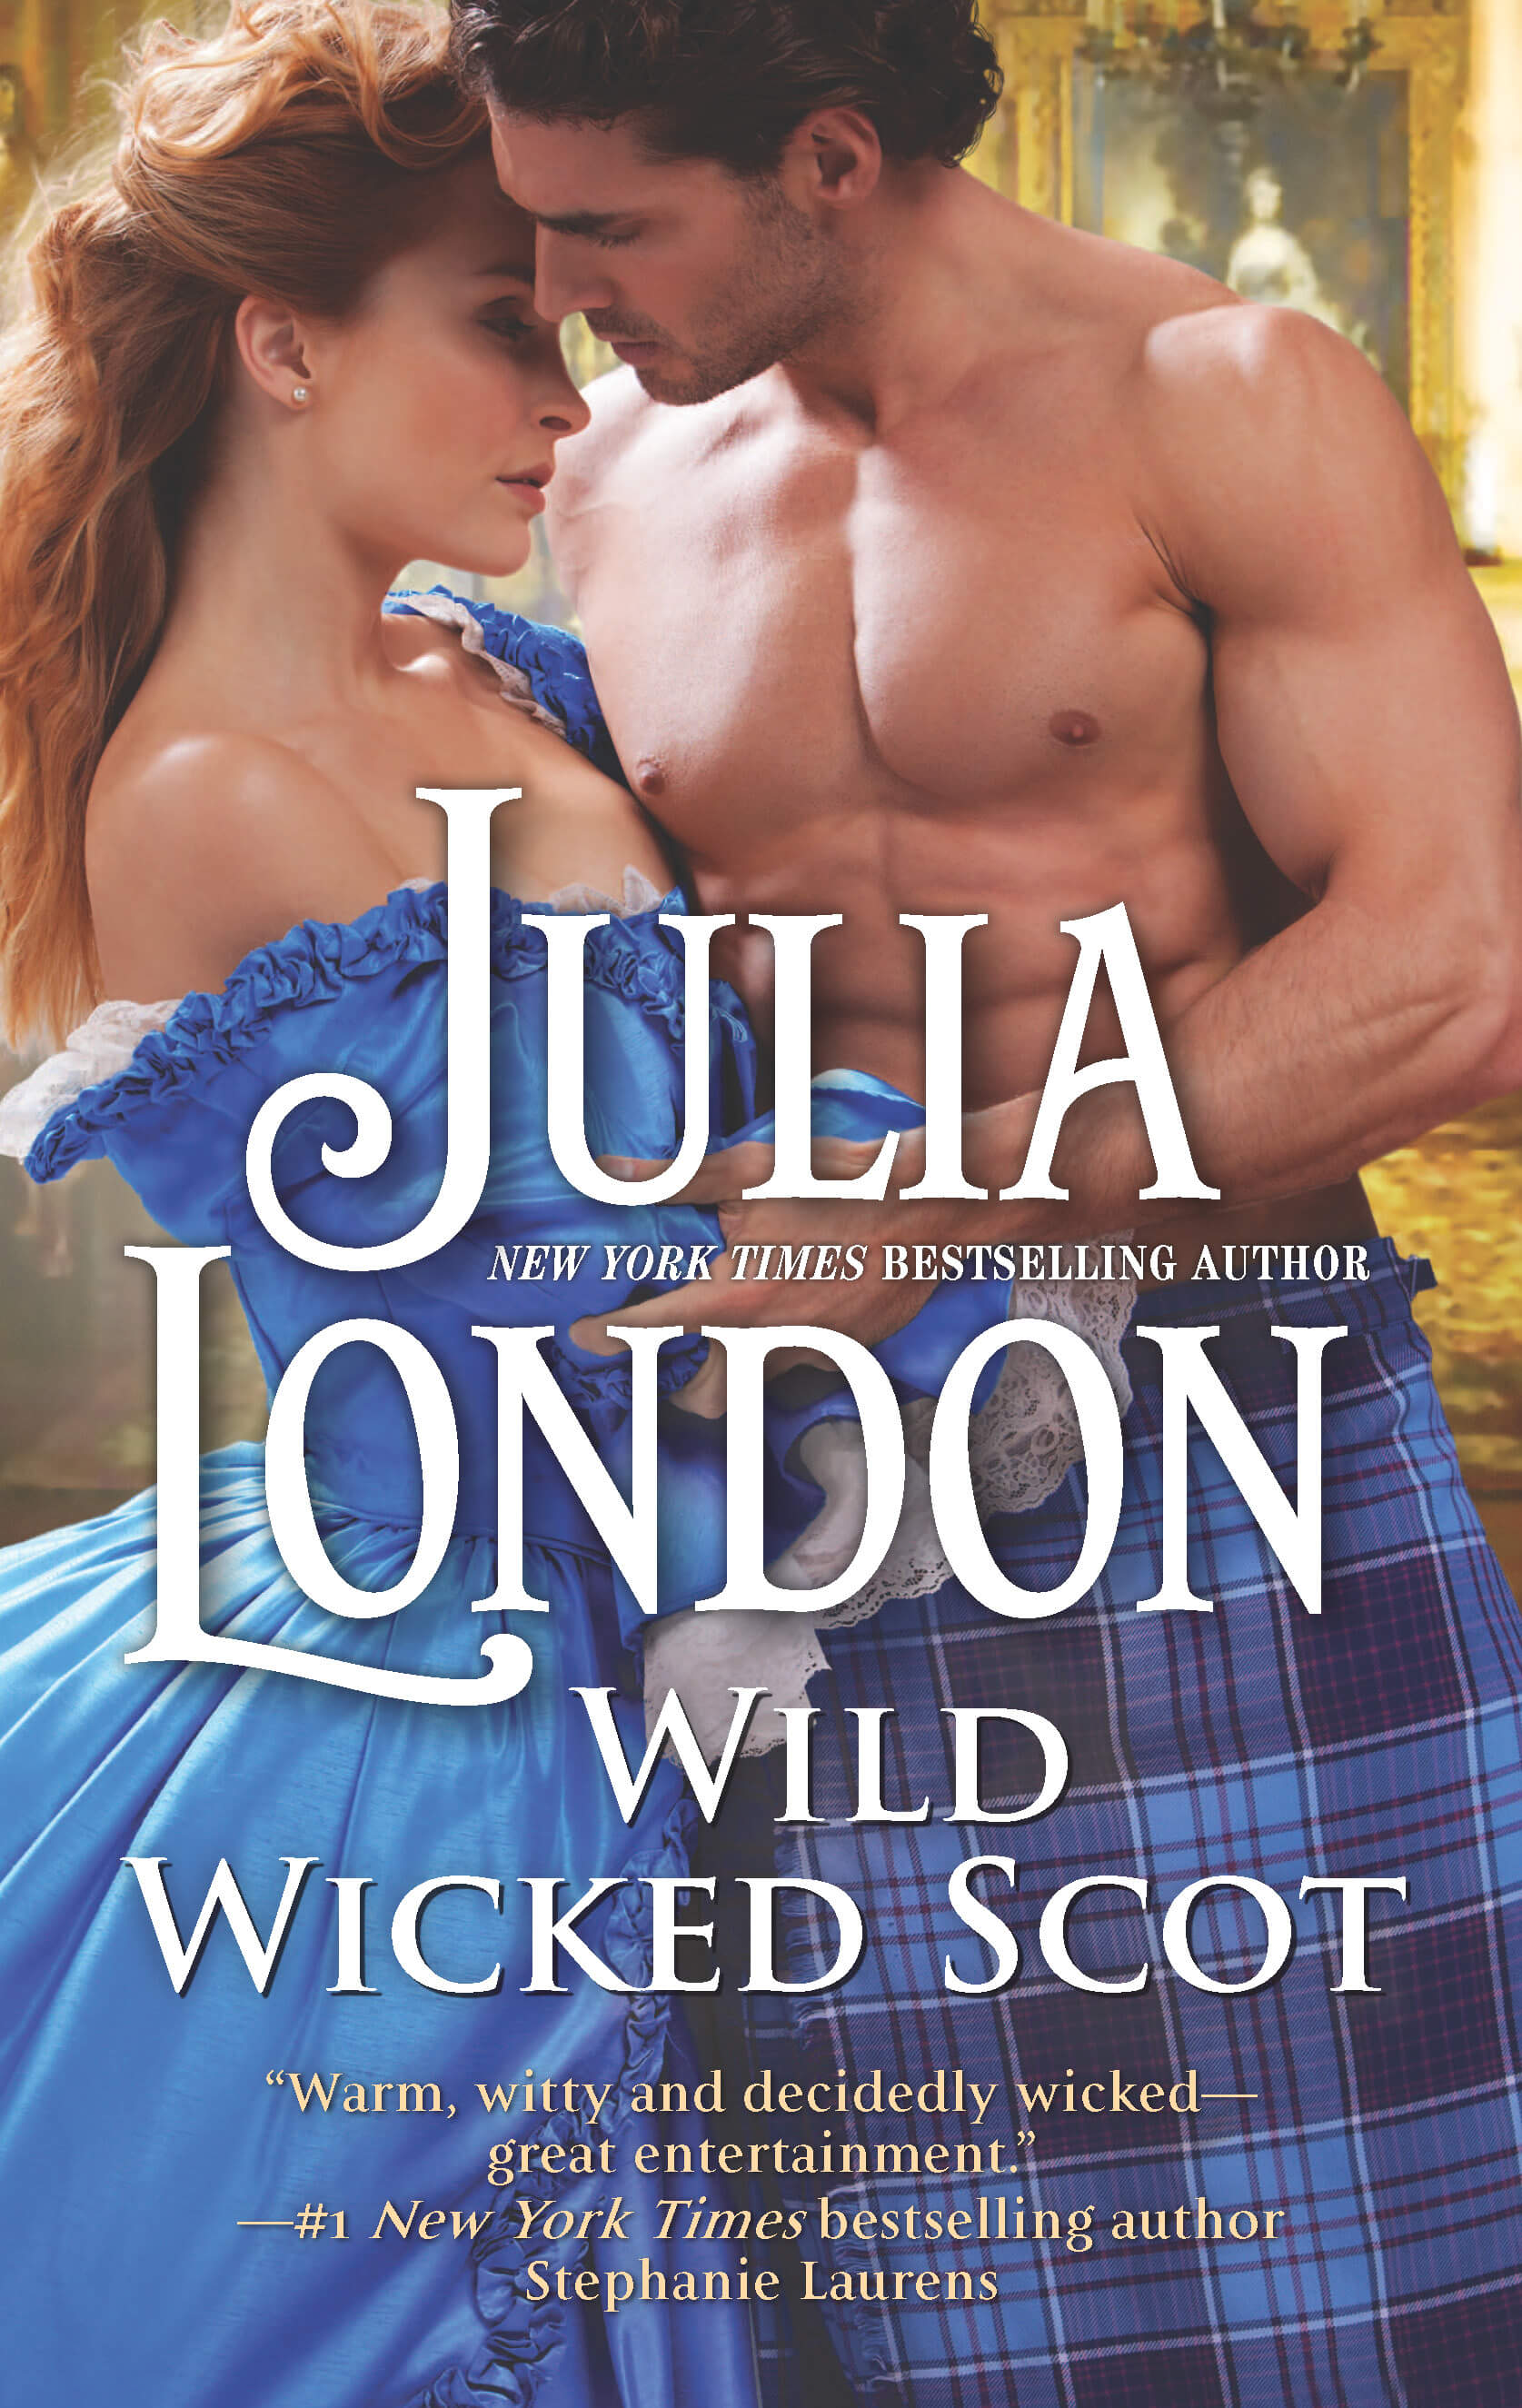 Wild Wicked Scot by Julia London